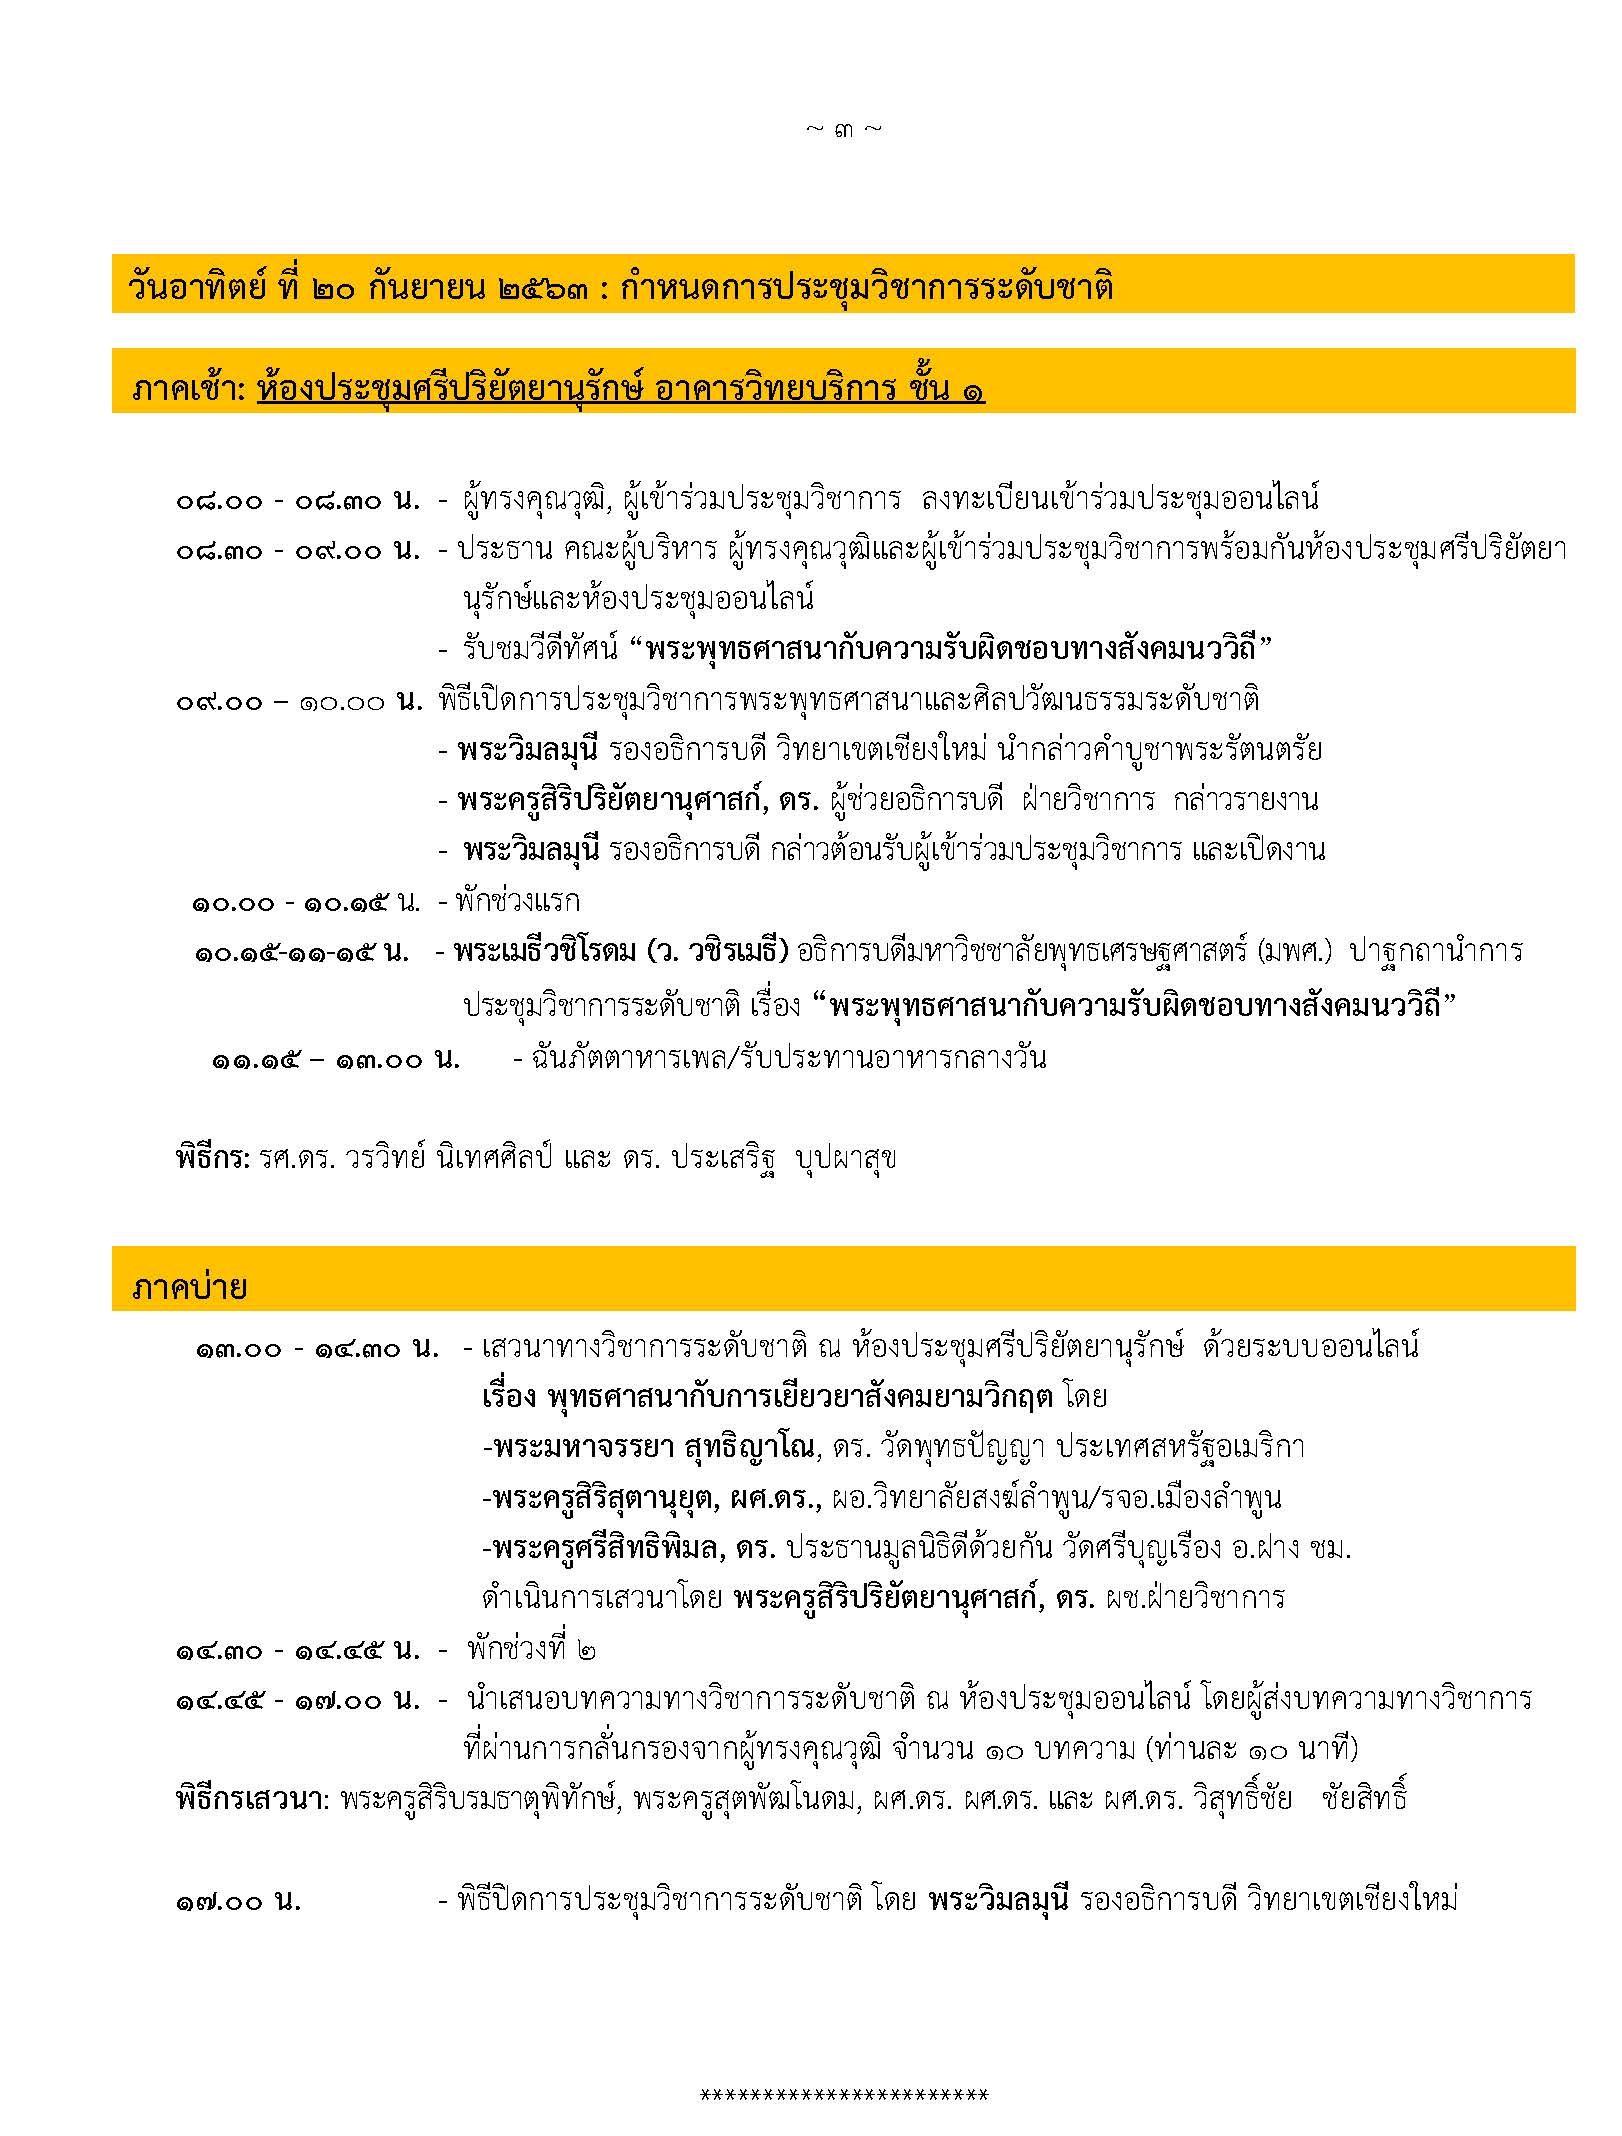 กำหนดการไทย Complete_Page_3